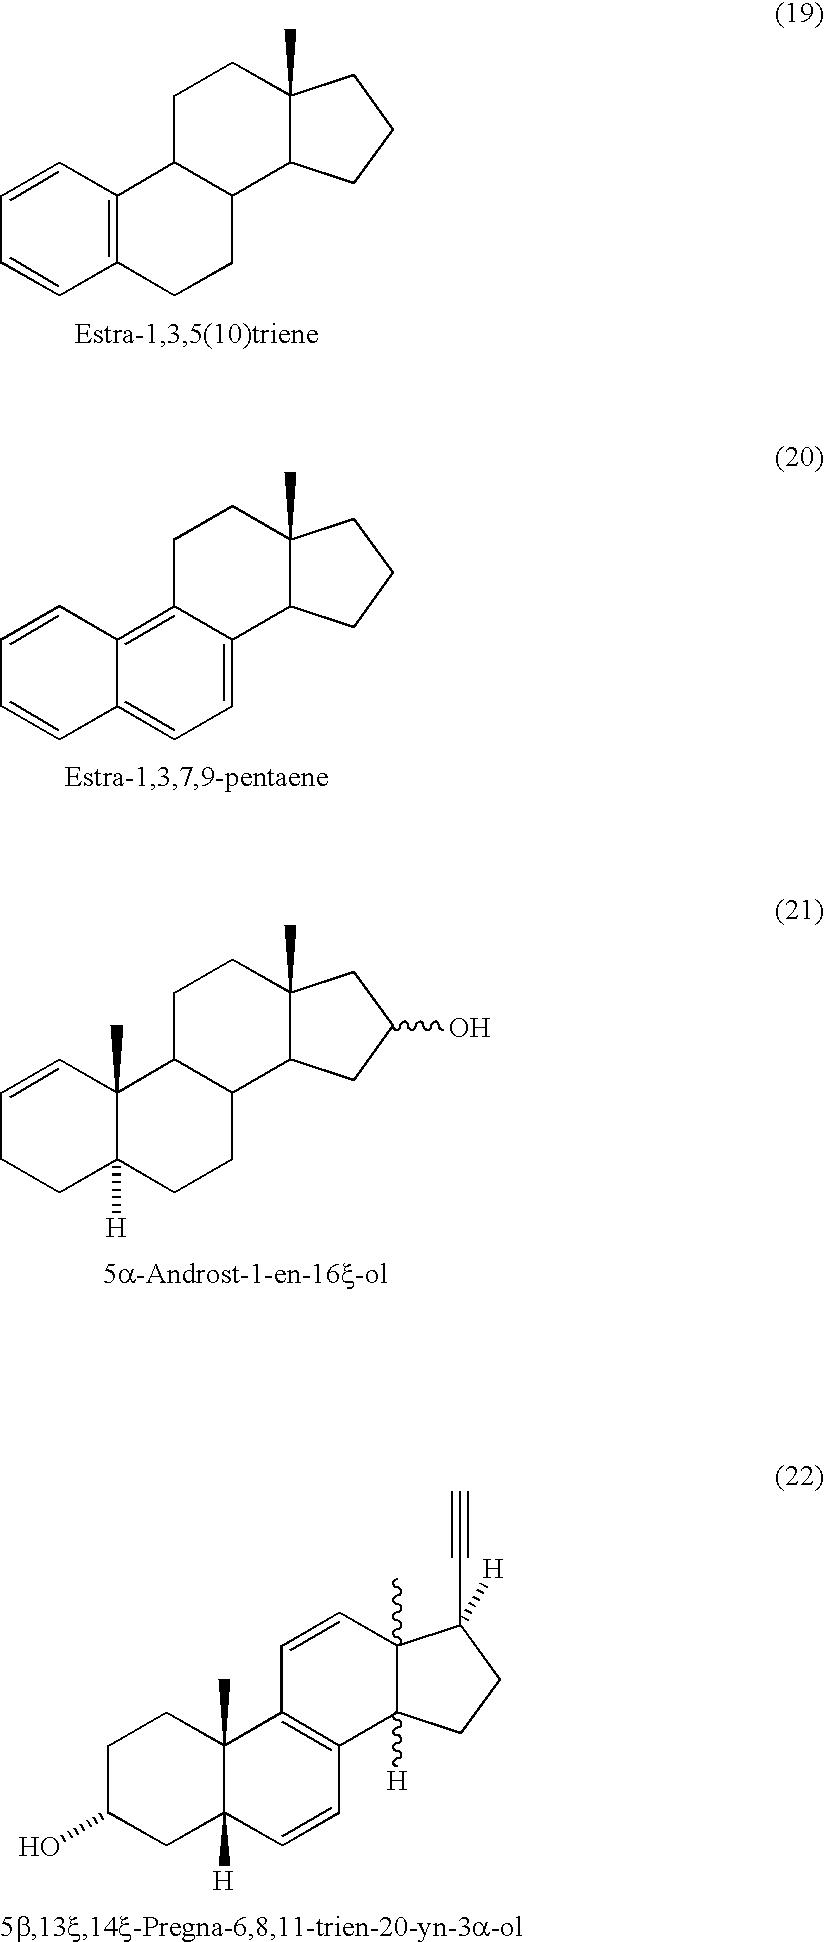 Figure US20080299220A1-20081204-C00015